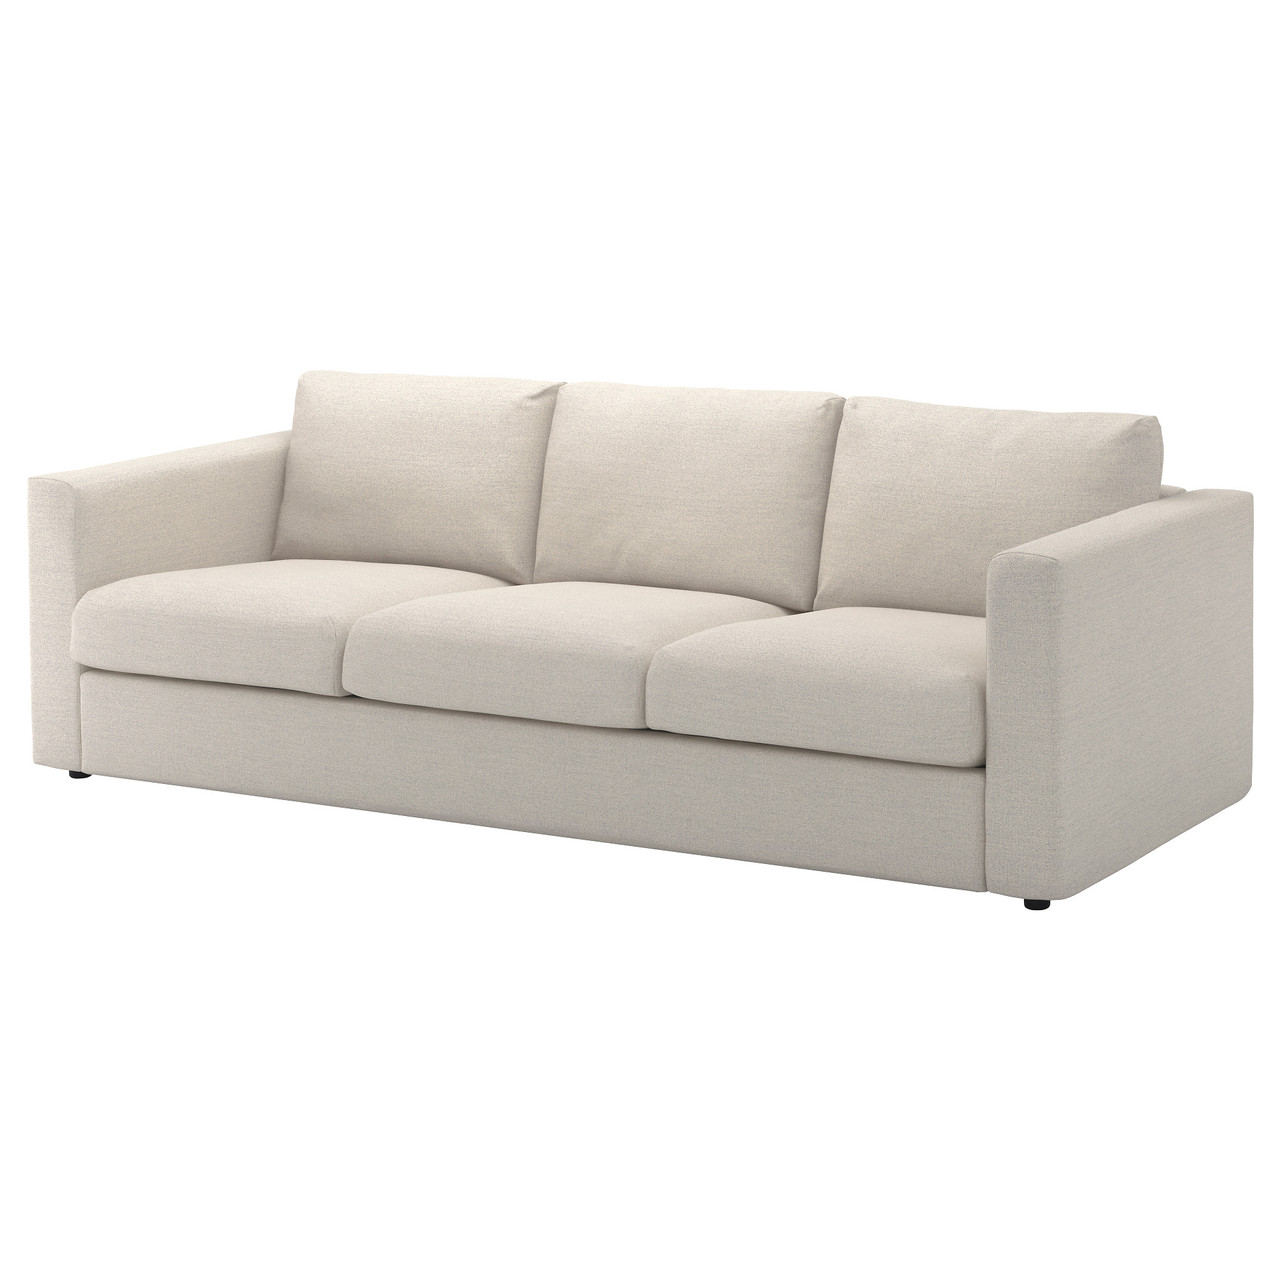 ВИМЛЕ 3-местный диван, Гуннаред классический серый